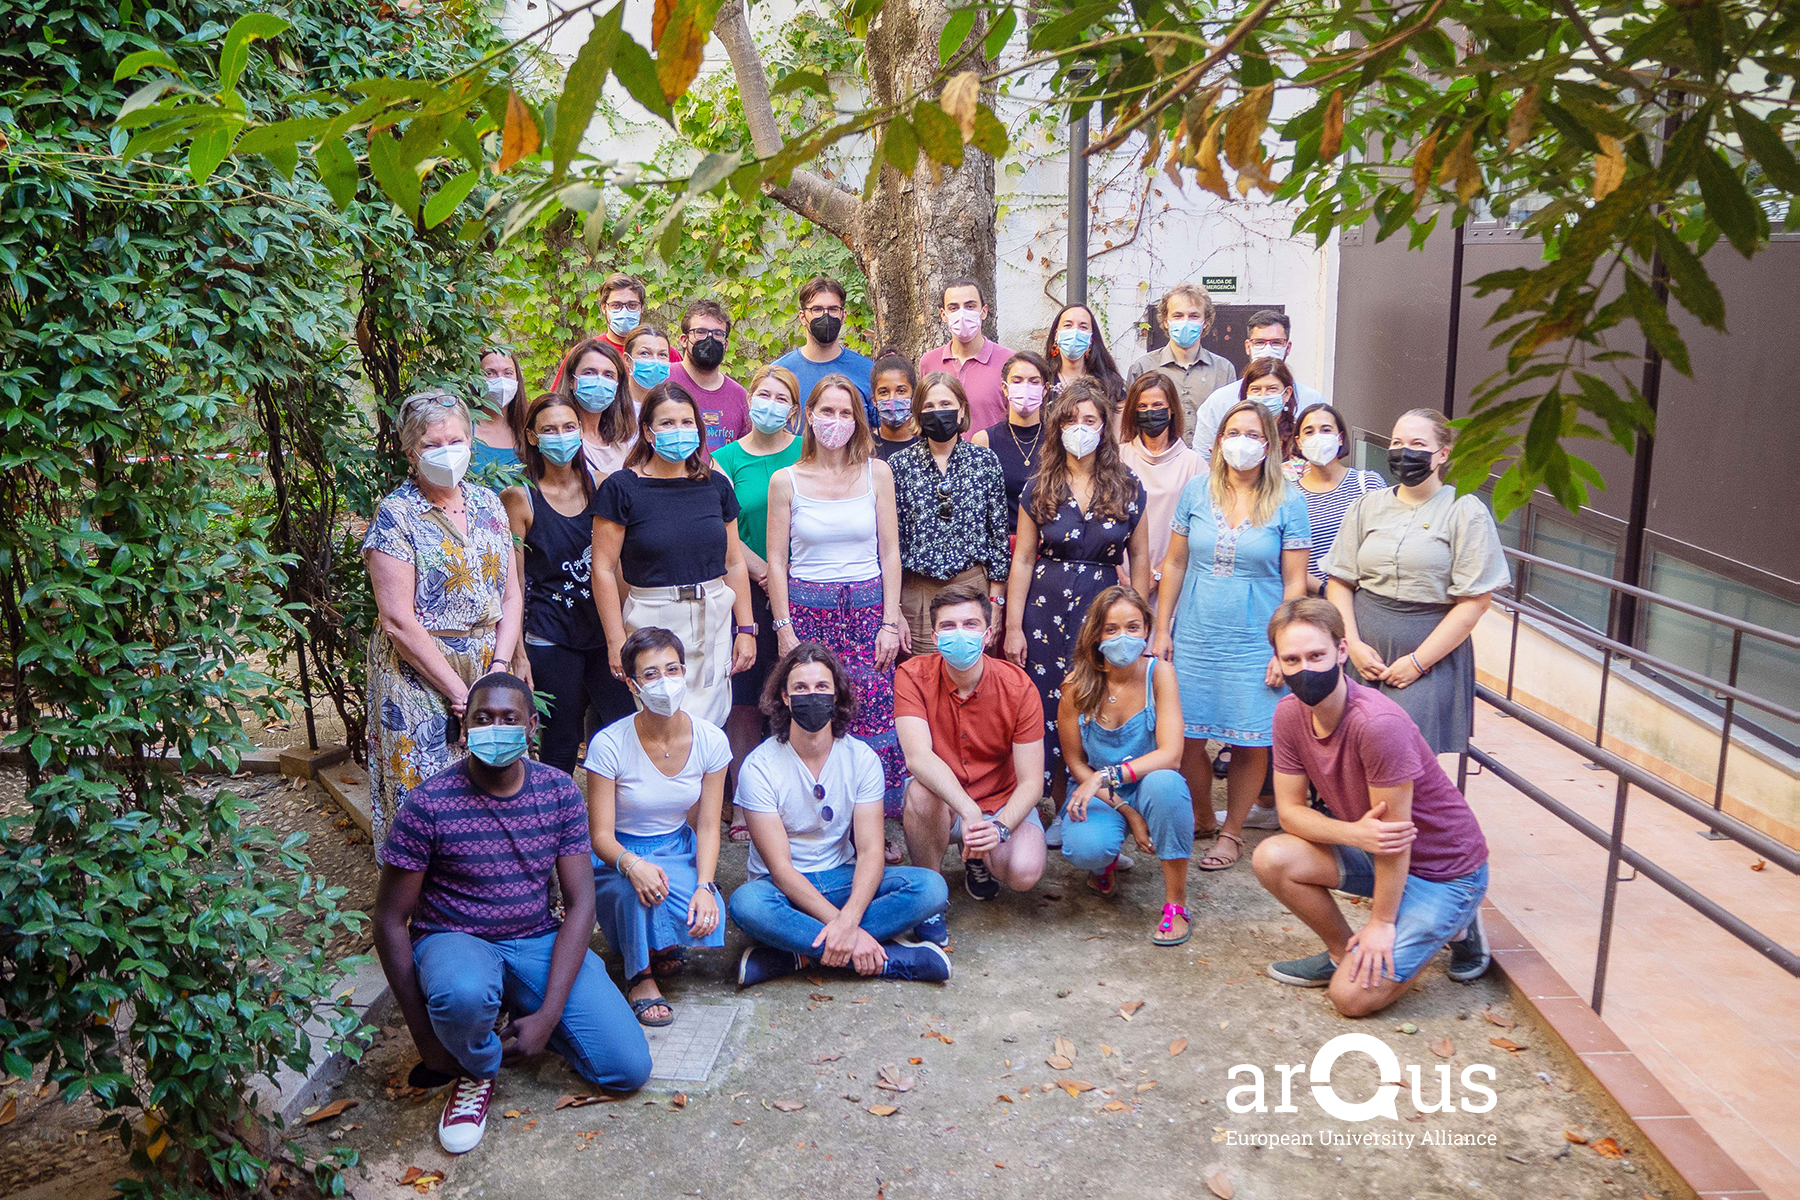 Termina la semana de reuniones presenciales de Arqus en la Universidad de Granada